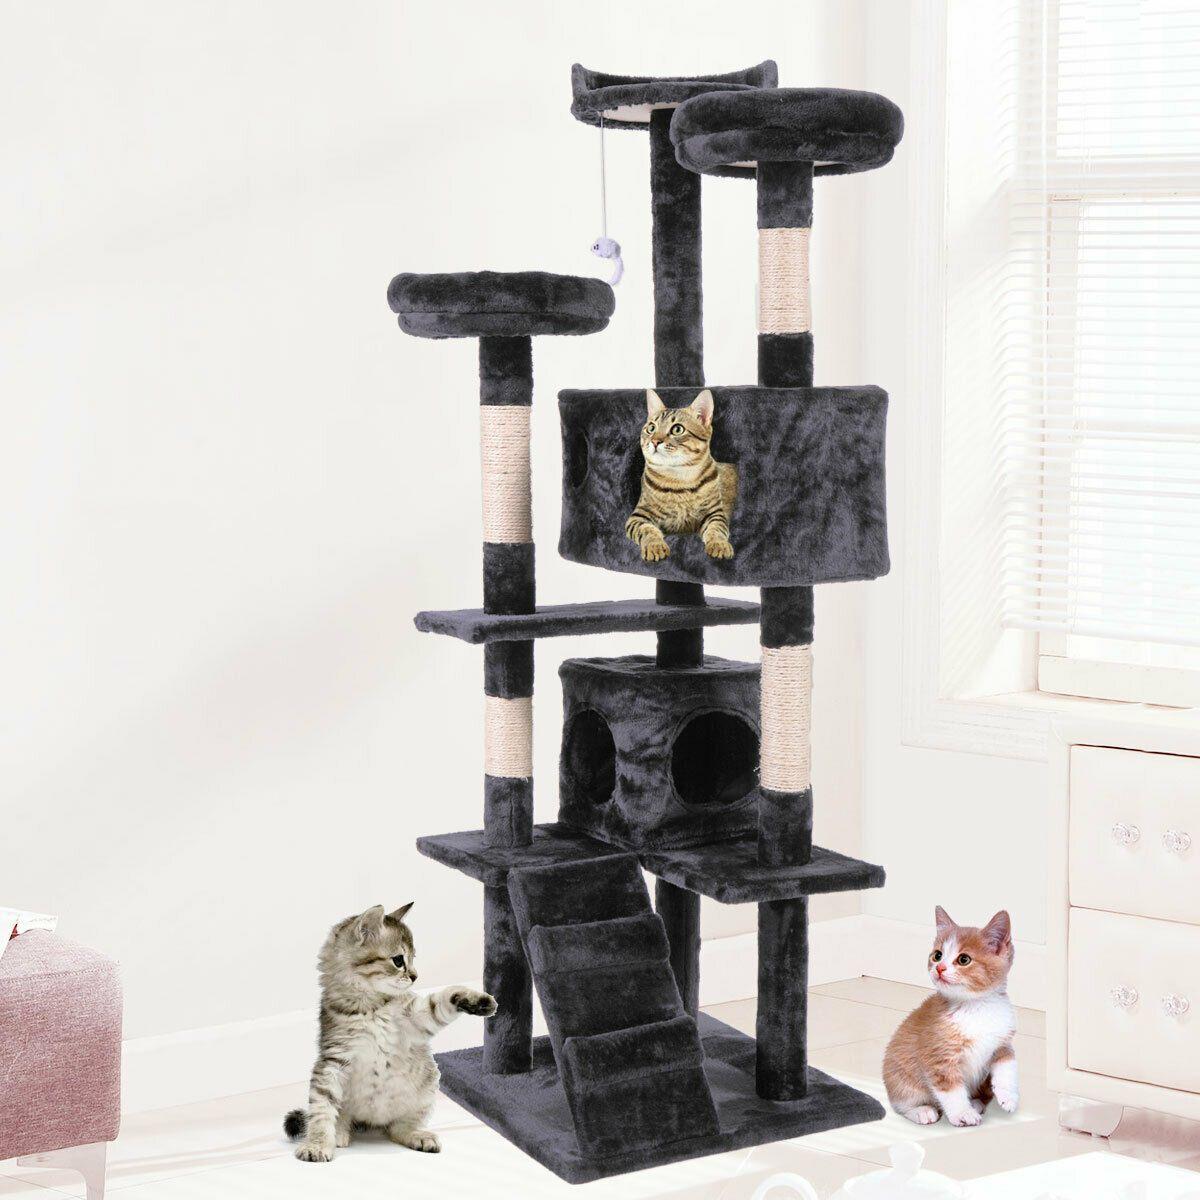 """60 """"القط برج شجرة كوندو الأثاث الخدش المشاركة الحيوانات الأليفة كيتي اللعب البيت الأسود"""